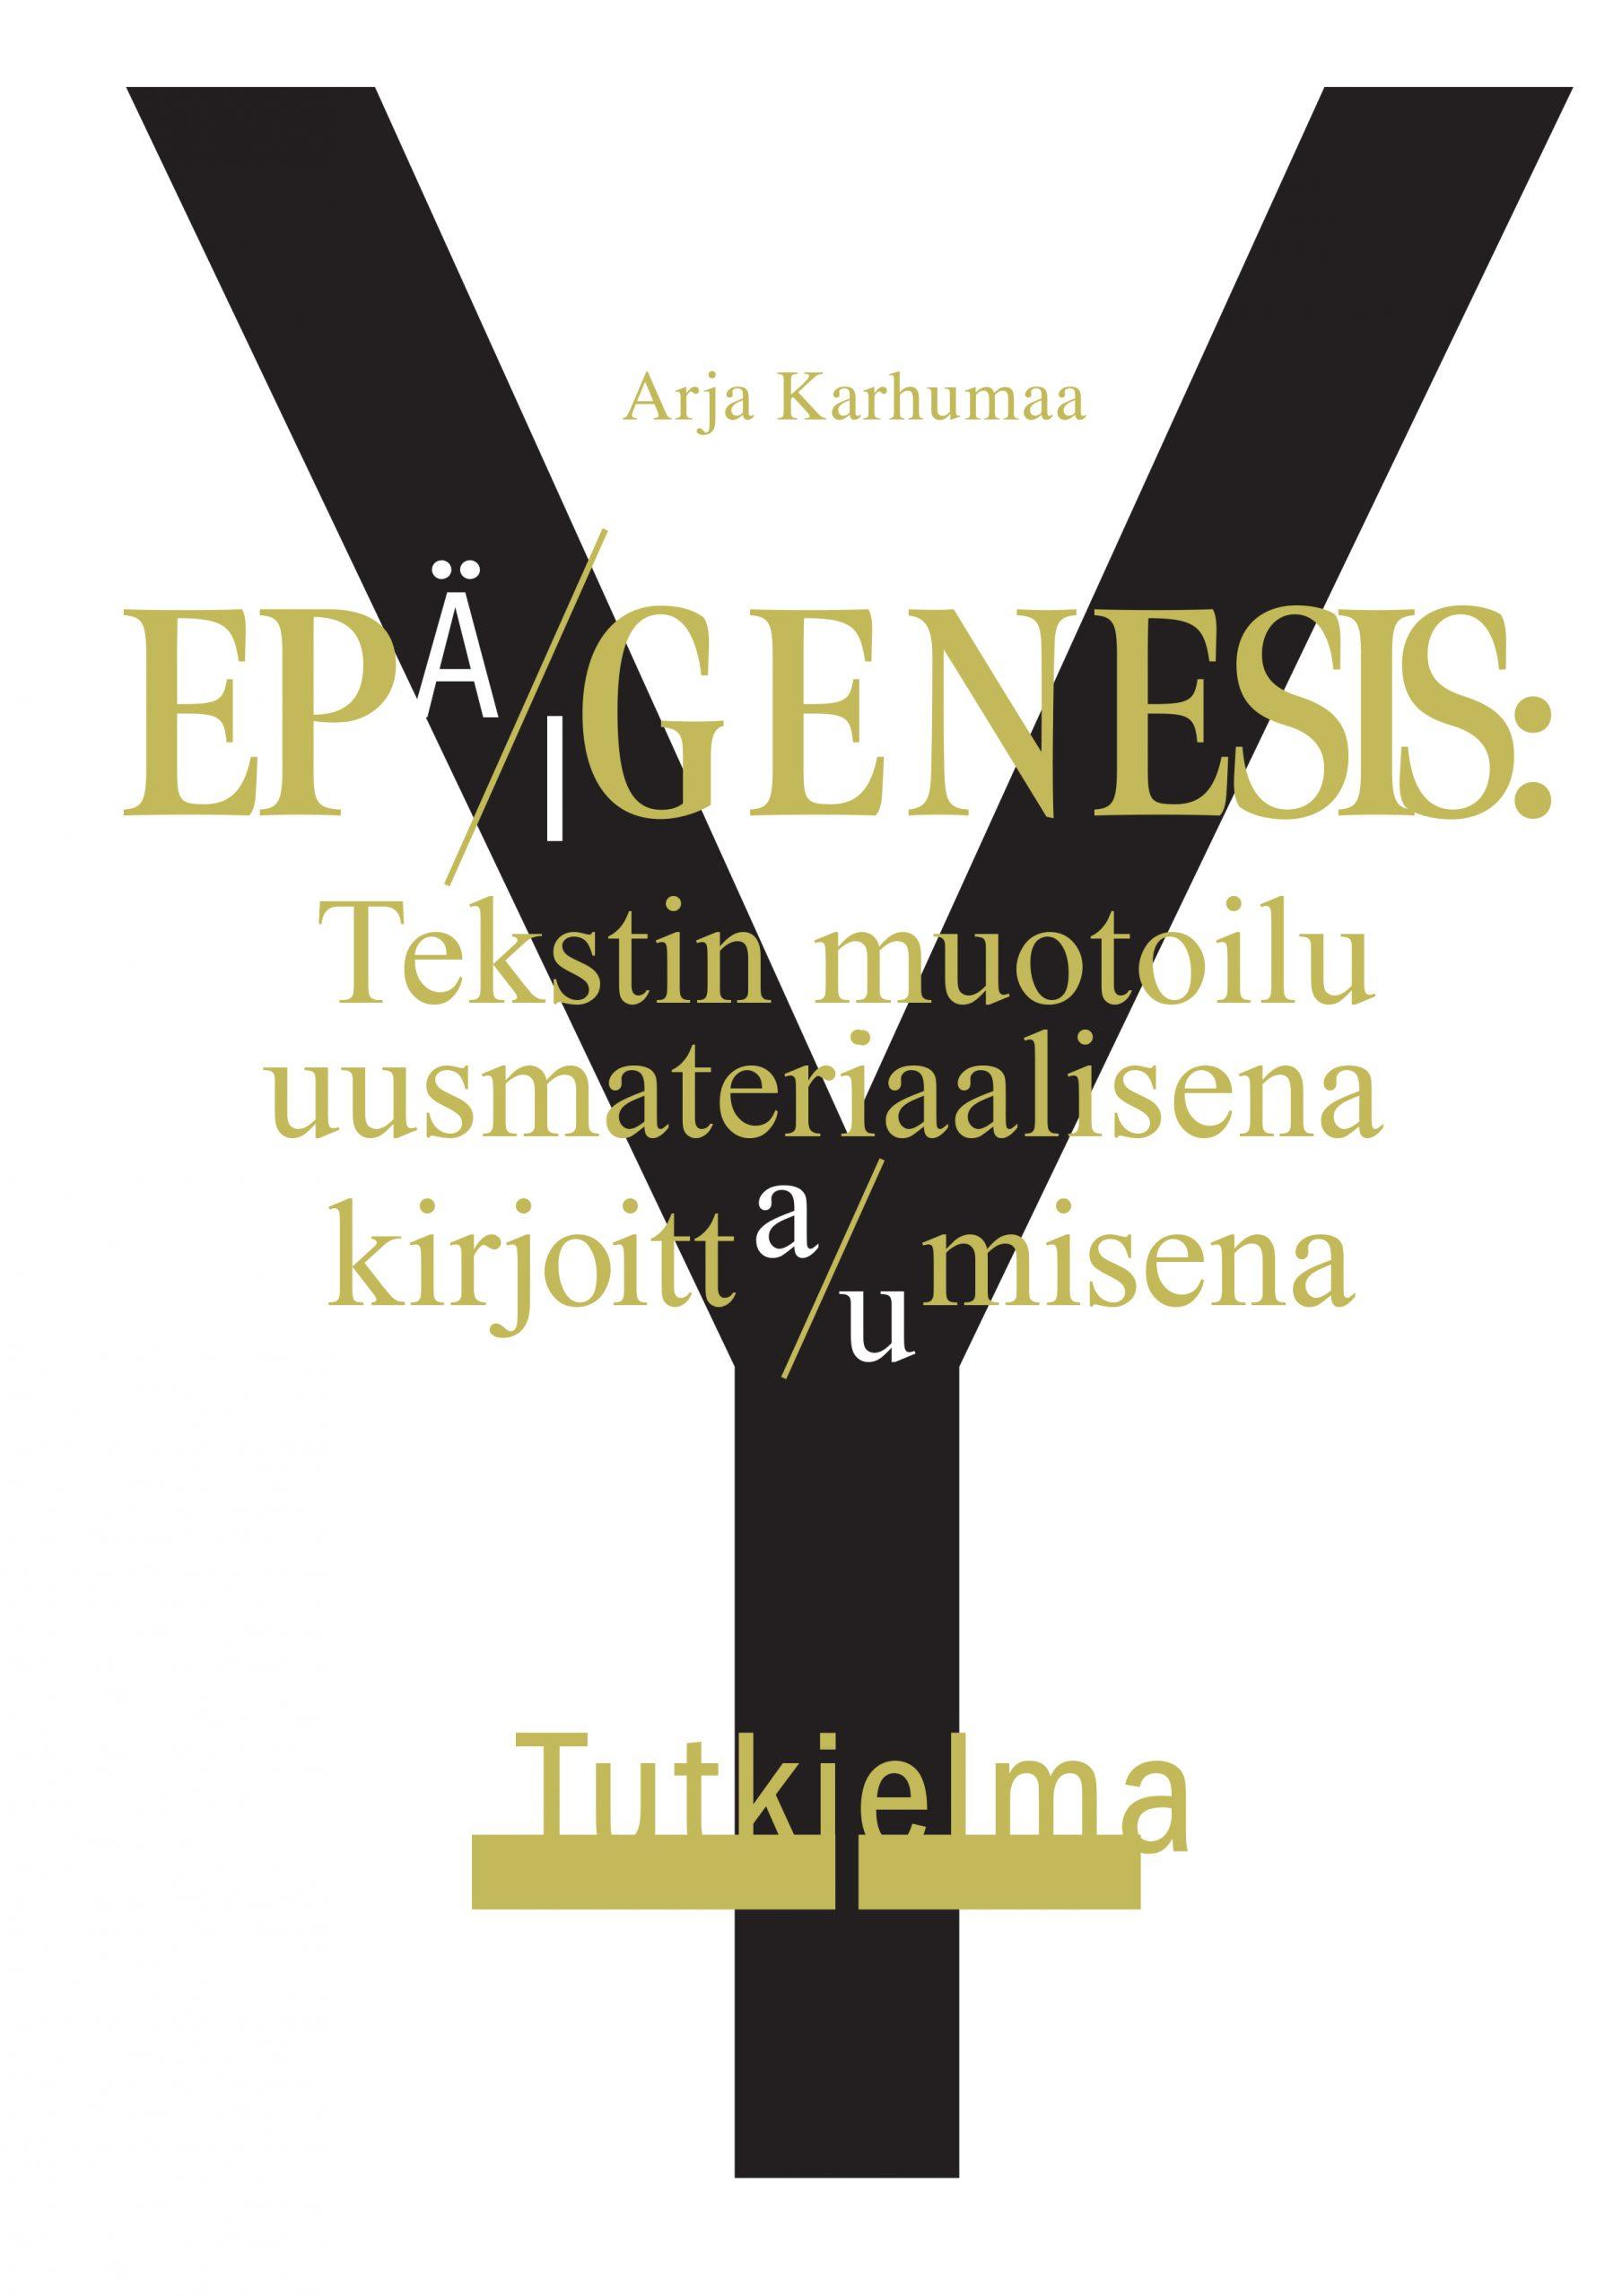 Cover image of EPÄGENESIS: Tekstin muotoilu uusmateriaalisena kirjoitta/umisena. Tutkielma Y by Arja Karhumaa.